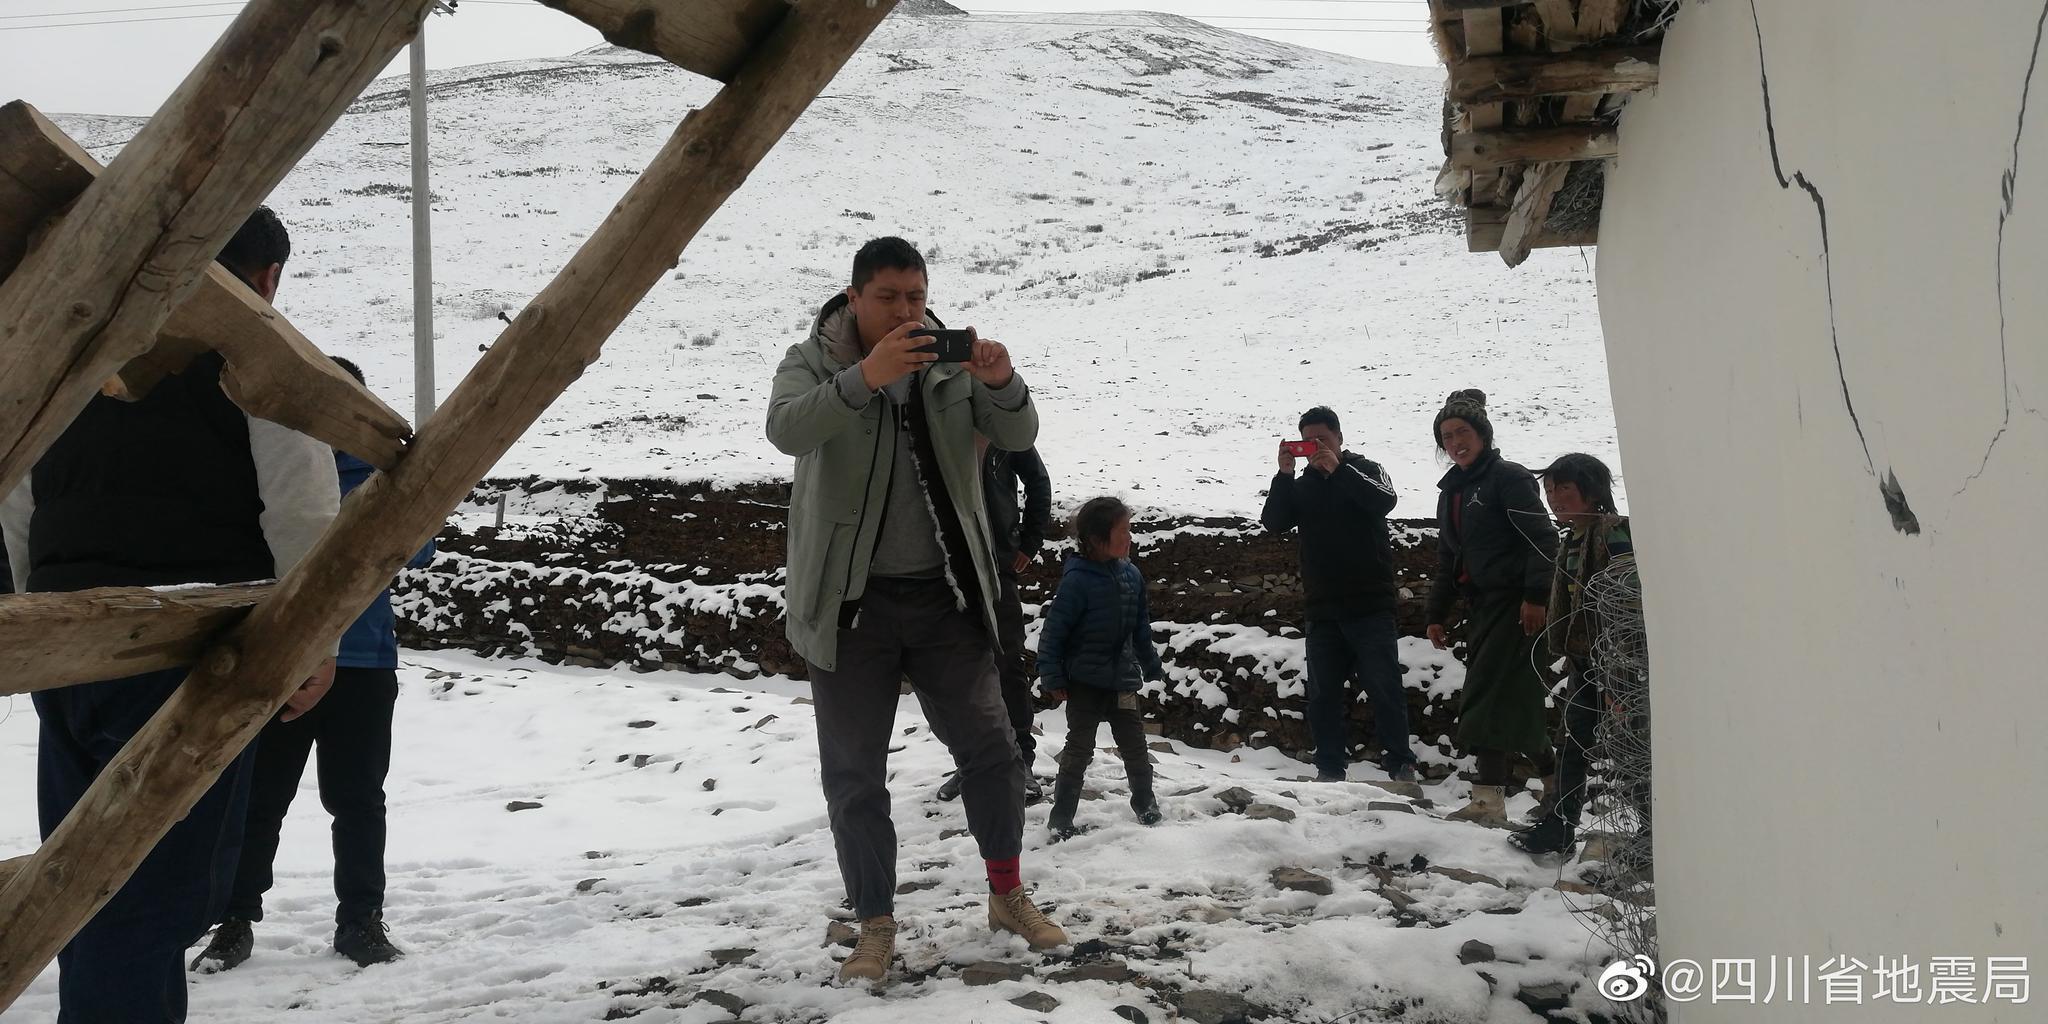 克服高寒、高反等困难,省地震局现场工作组一方面抓紧开展烈度调查